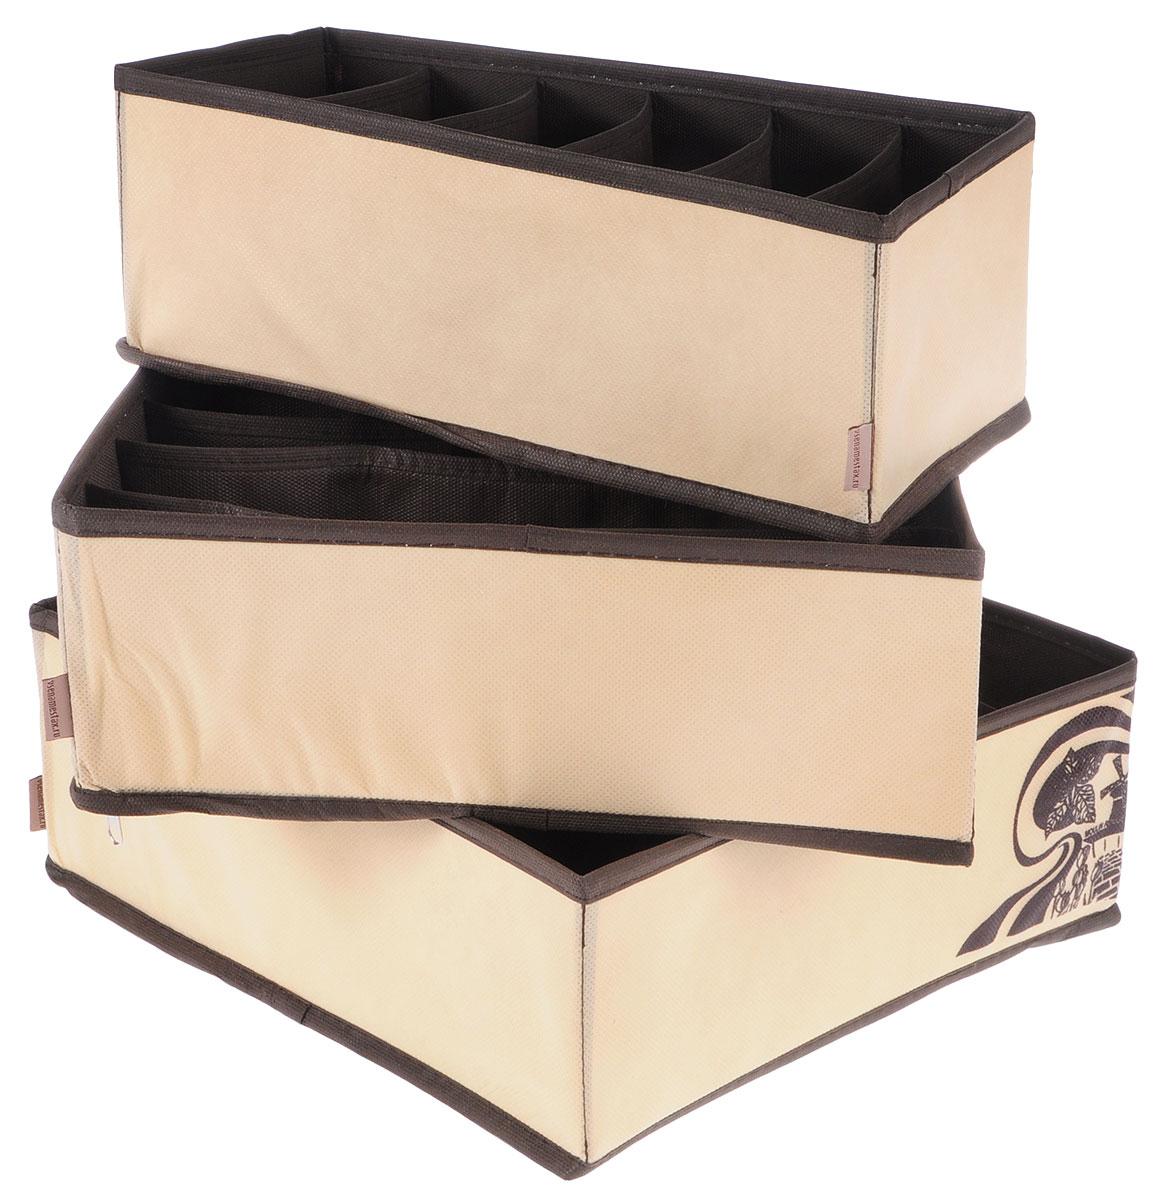 Набор органайзеров для белья Все на местах Париж, цвет: коричневый, бежевый, 3 предмета1004900000360Набор состоит из трех органайзеров для хранения косметики и аксессуаров, а также белья.Изделия выполнены из высококачественного нетканого материала (спанбонда), которыйобеспечивает естественную вентиляцию, позволяя воздуху проникать внутрь, но не пропускаетпыль. Вставки из ПВХ хорошо держат форму.Набор органайзеров для косметики и аксессуаров поможет привести элементы женского туалета или белья в порядок. Оригинальный дизайн придется по вкусу ценительницам эстетичного хранения. Размер органайзеров: 32 см х 32 см х 11 см; 32 см х 32 см х 11 см, 32 см х 16 см х 11 см.